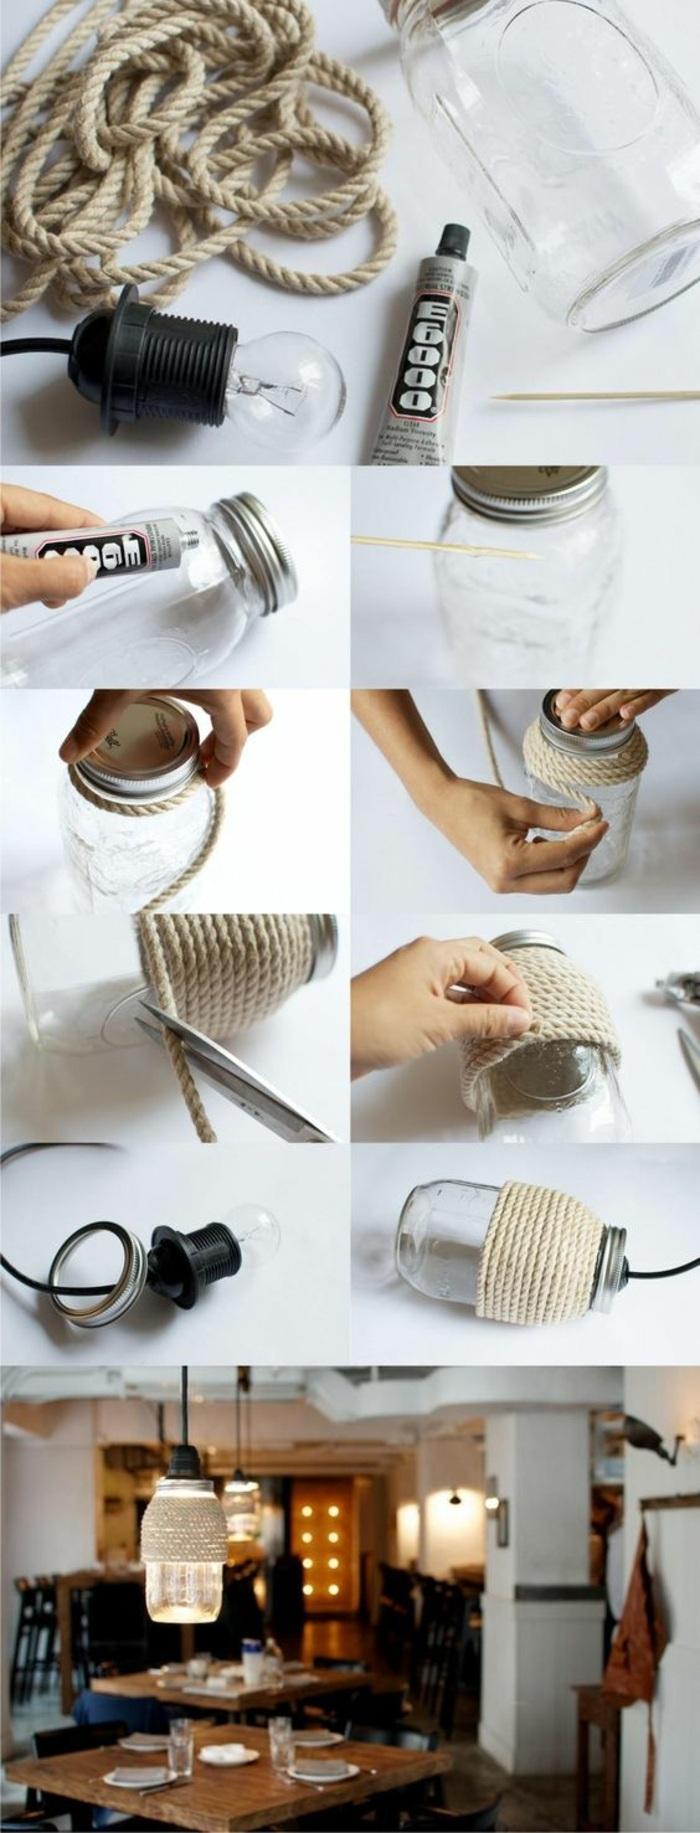 activité manuelle adulte, comment faire une lampe suspendue de style industriel, modèle lampe avec jar en verre et corde